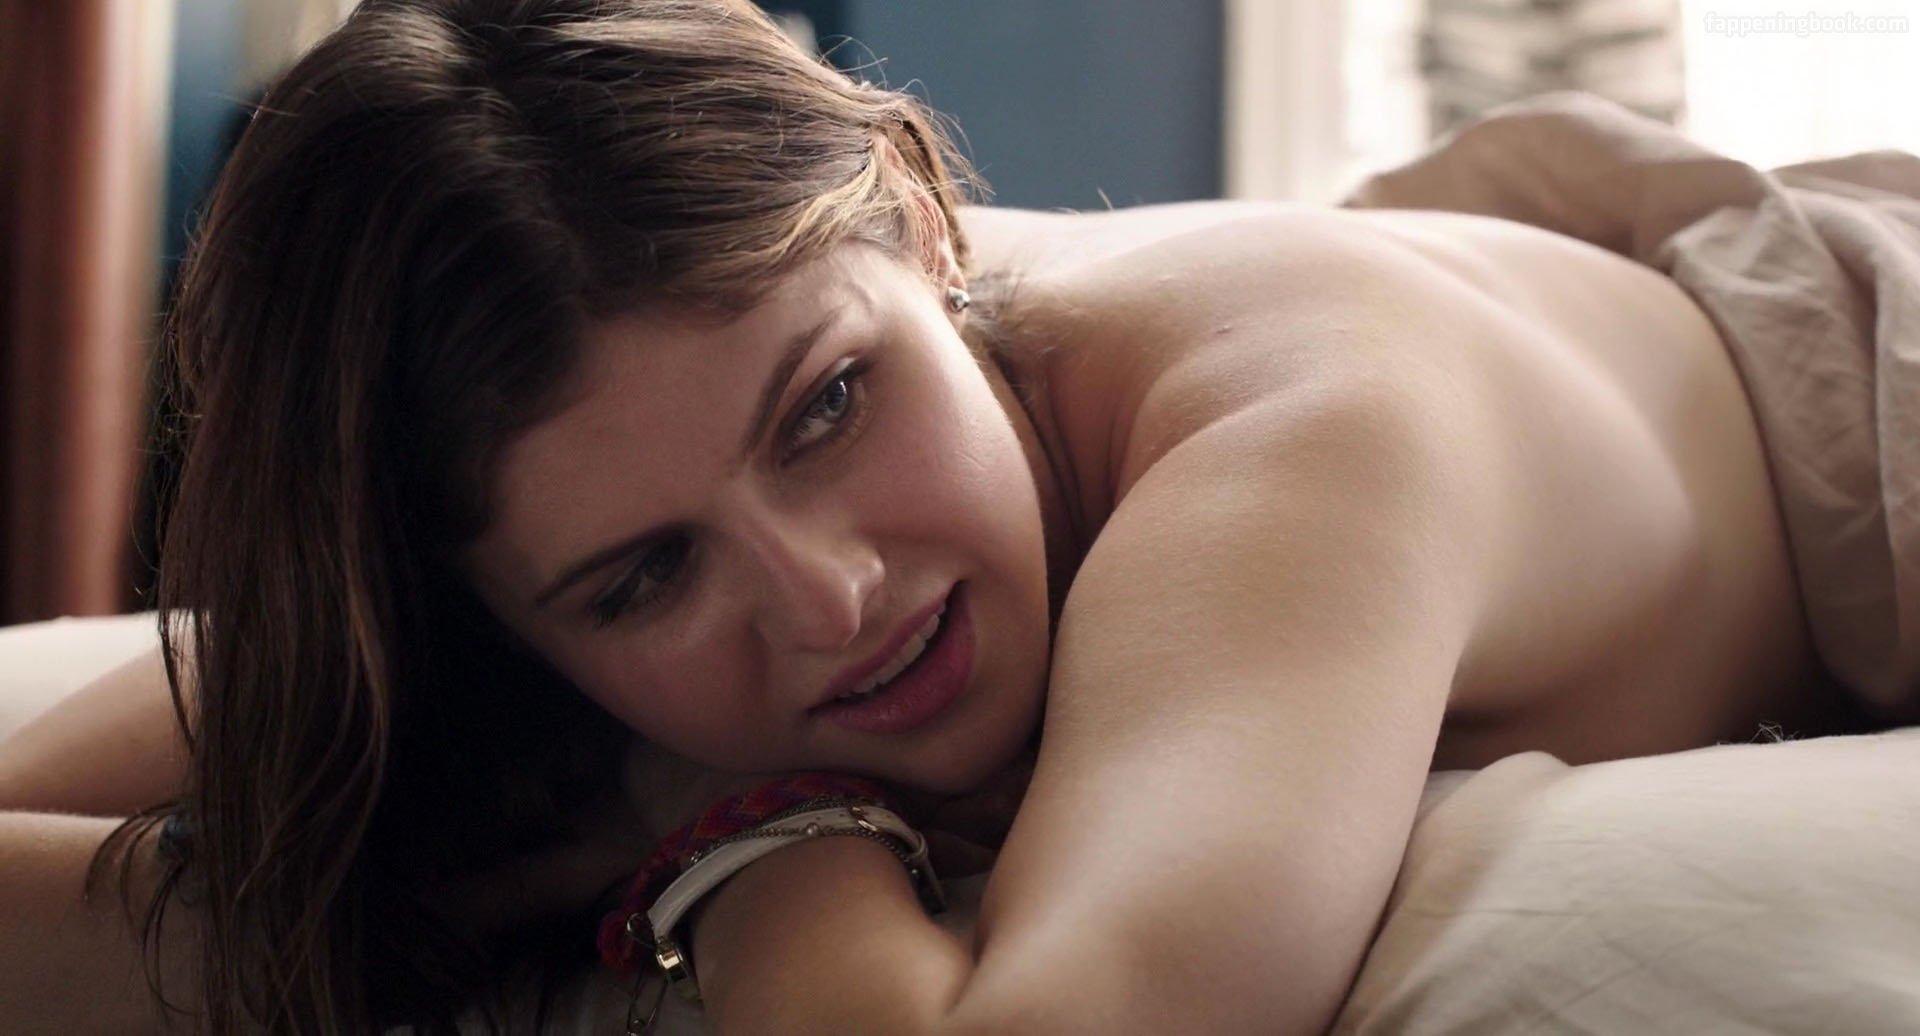 Andrea Daddario Nude alexandra daddario nude, sexy, the fappening, uncensored